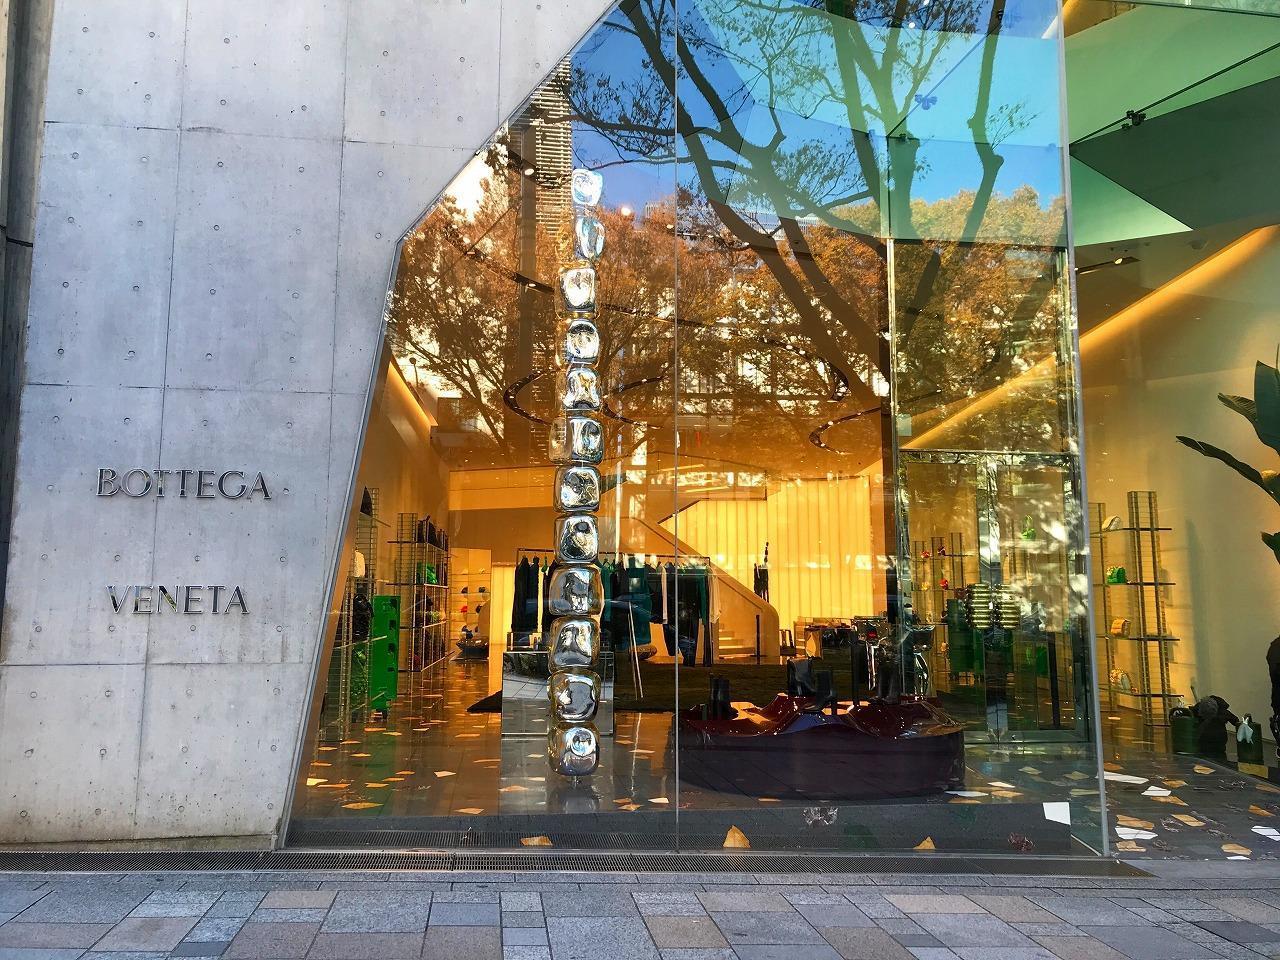 【閉店】ボッテガ・ヴェネタ(BOTTEGA VENETA) 表参道店